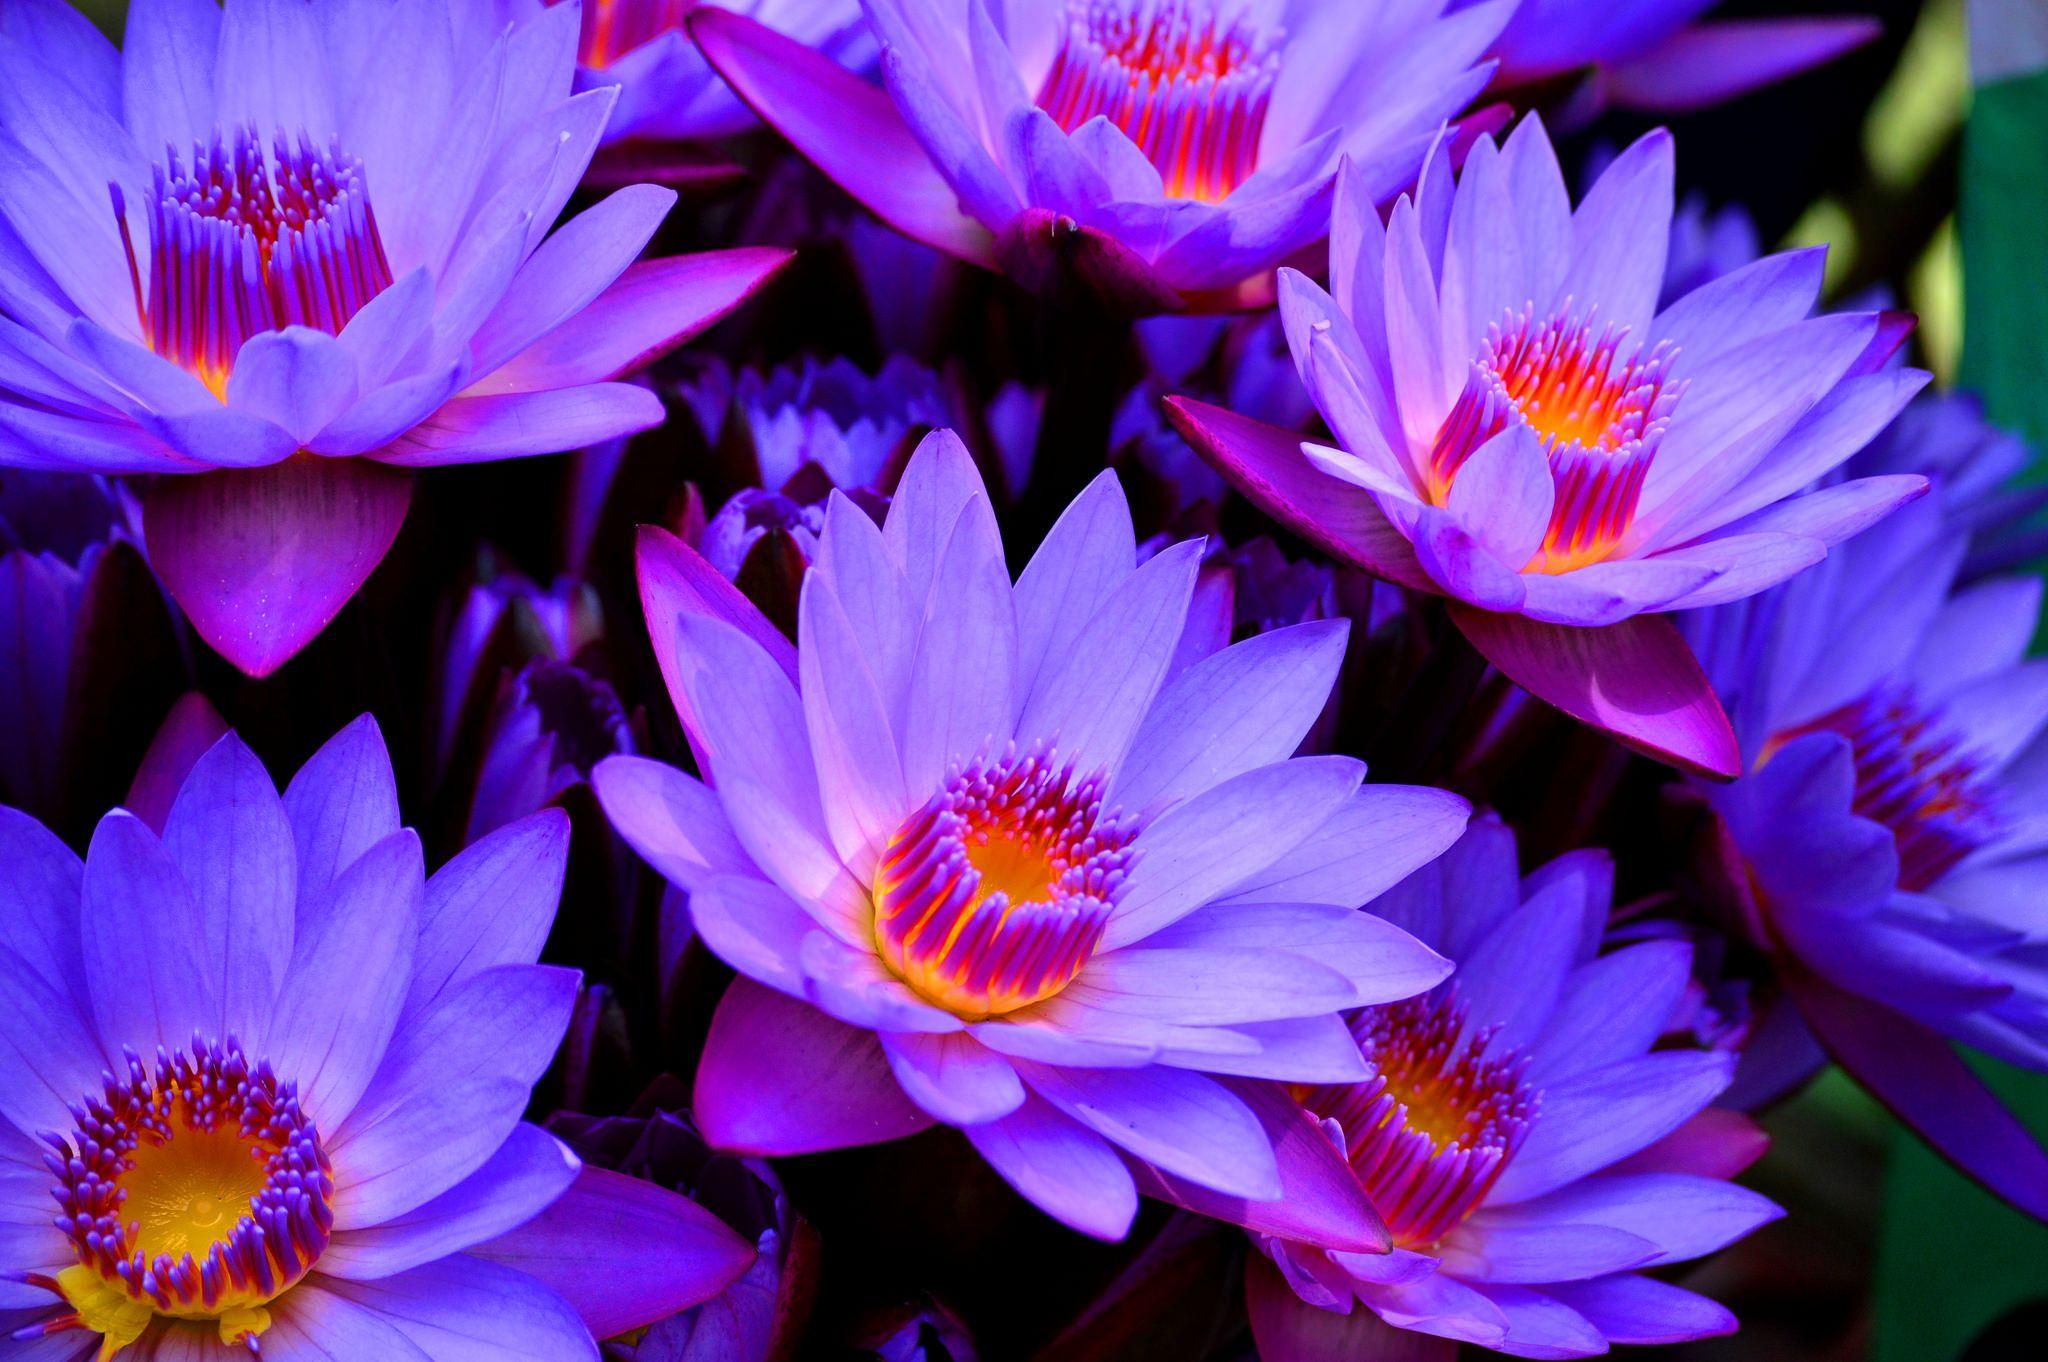 Mesmerizing Blue Bangladesh Lotus Flower Wallpaper Blue Lotus